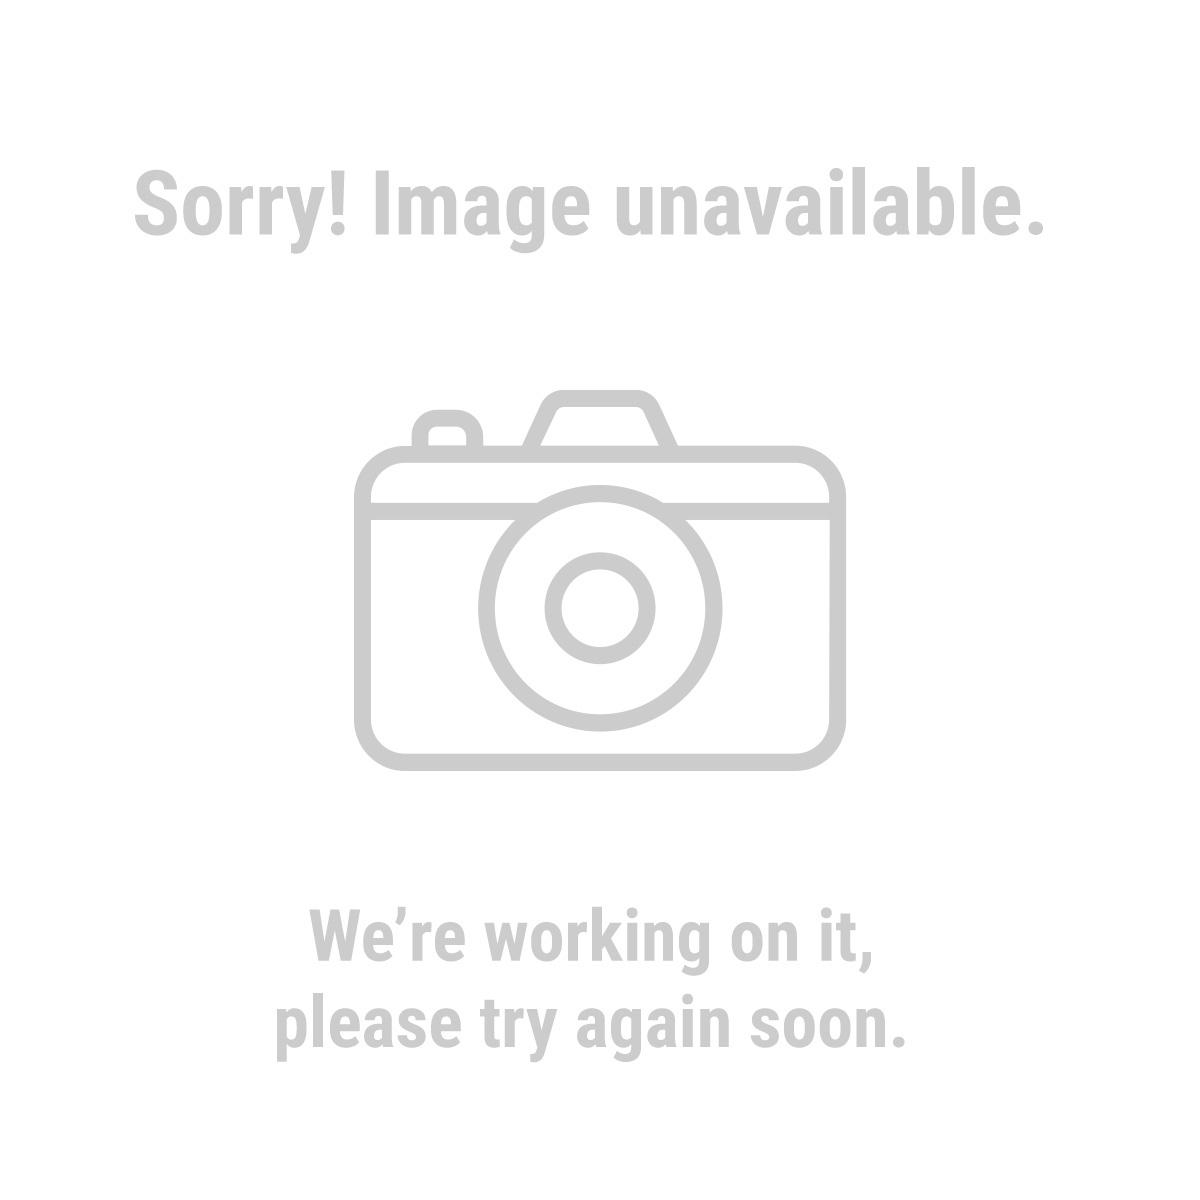 6 pc screwdriver set. Black Bedroom Furniture Sets. Home Design Ideas